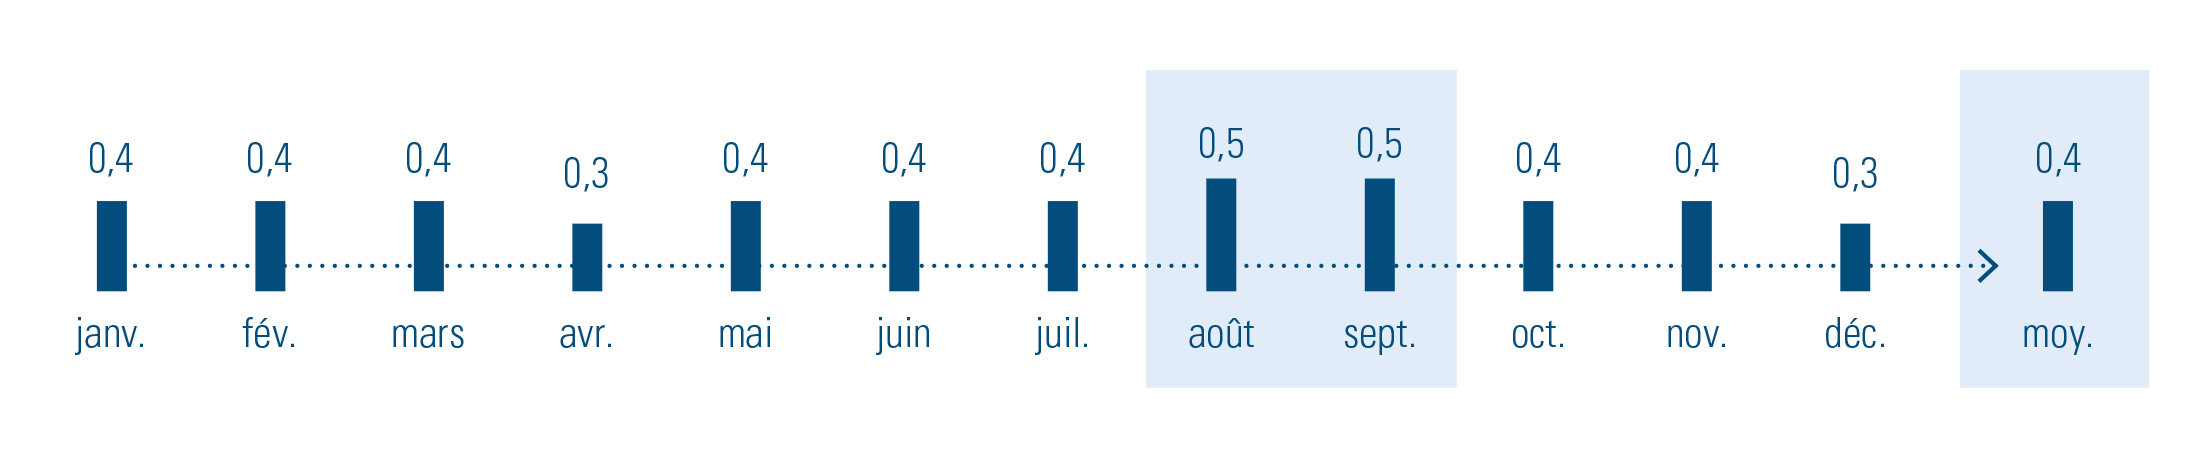 % de fin de contrats à durée indéterminée par le travailleur, évolution au cours des mois de 2019